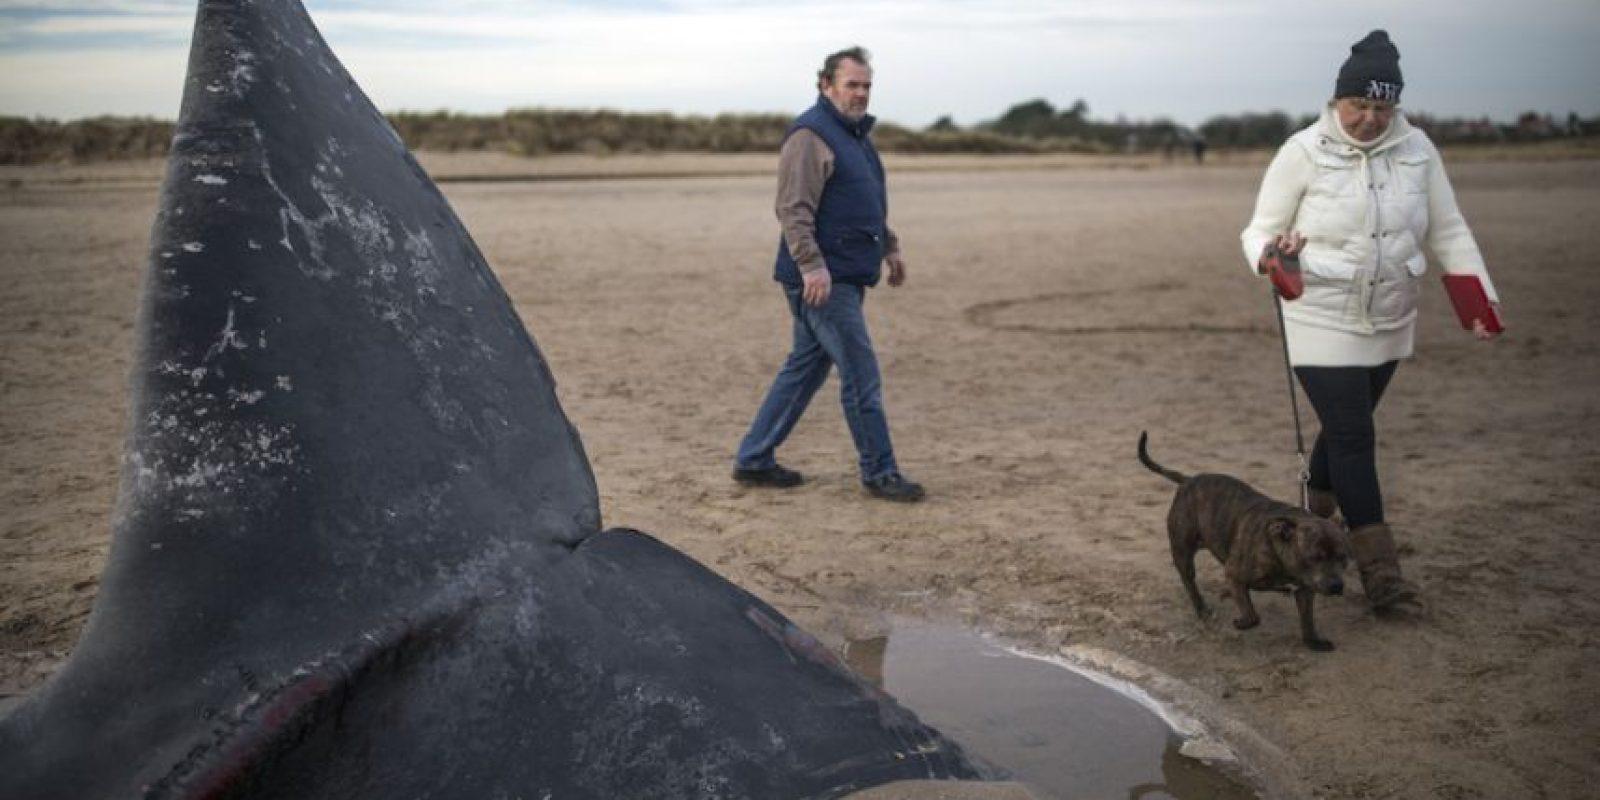 Estas ballenas dentadas pueden comer casi una tonelada de peces y calamares al día. Foto:Getty Images